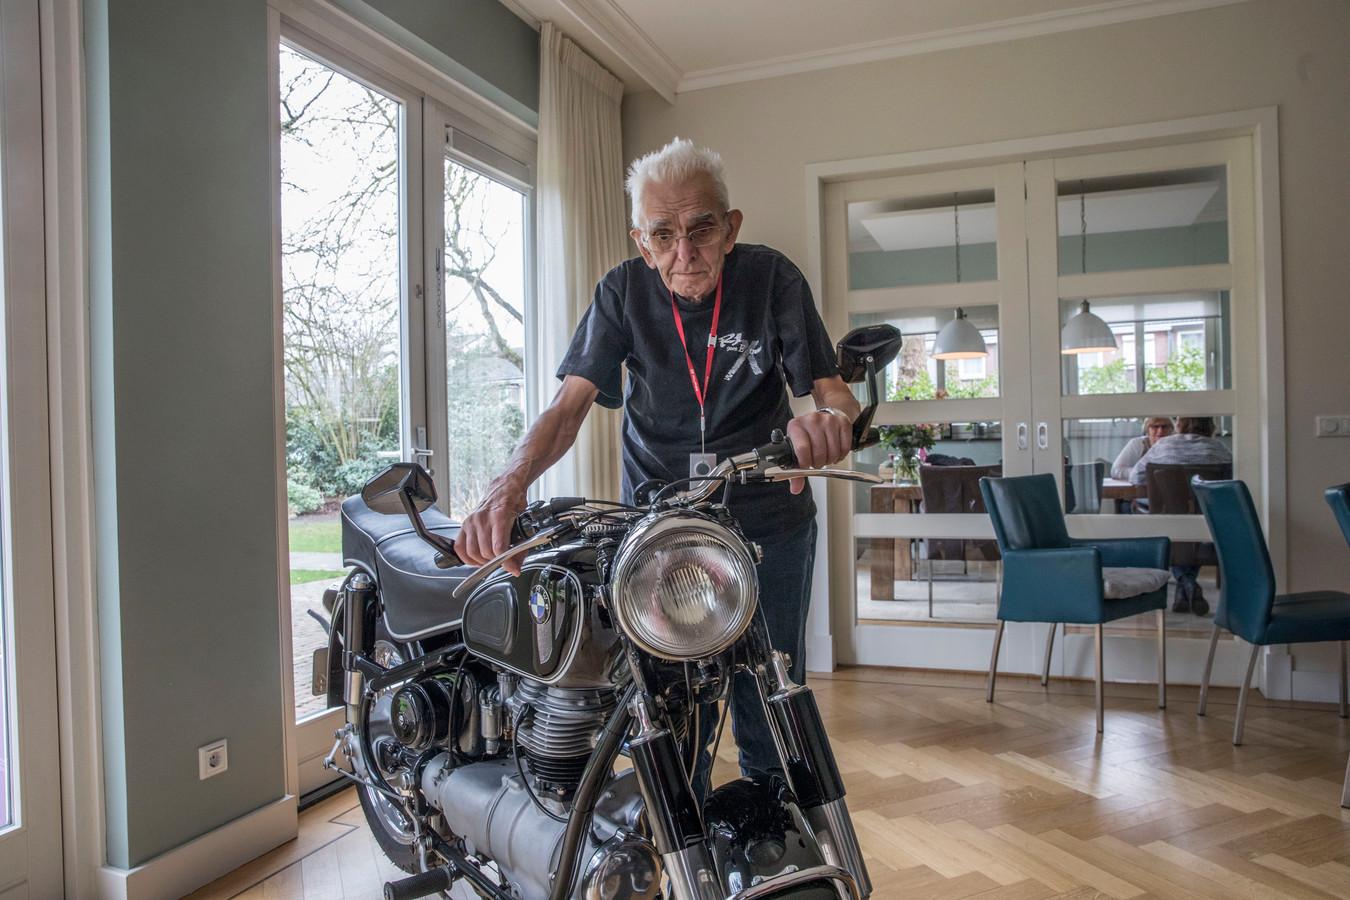 Piet van Bakel was verrast dat zijn motor 'Toos' onverwacht in de huiskamer van Hospice Dommelrode stond.